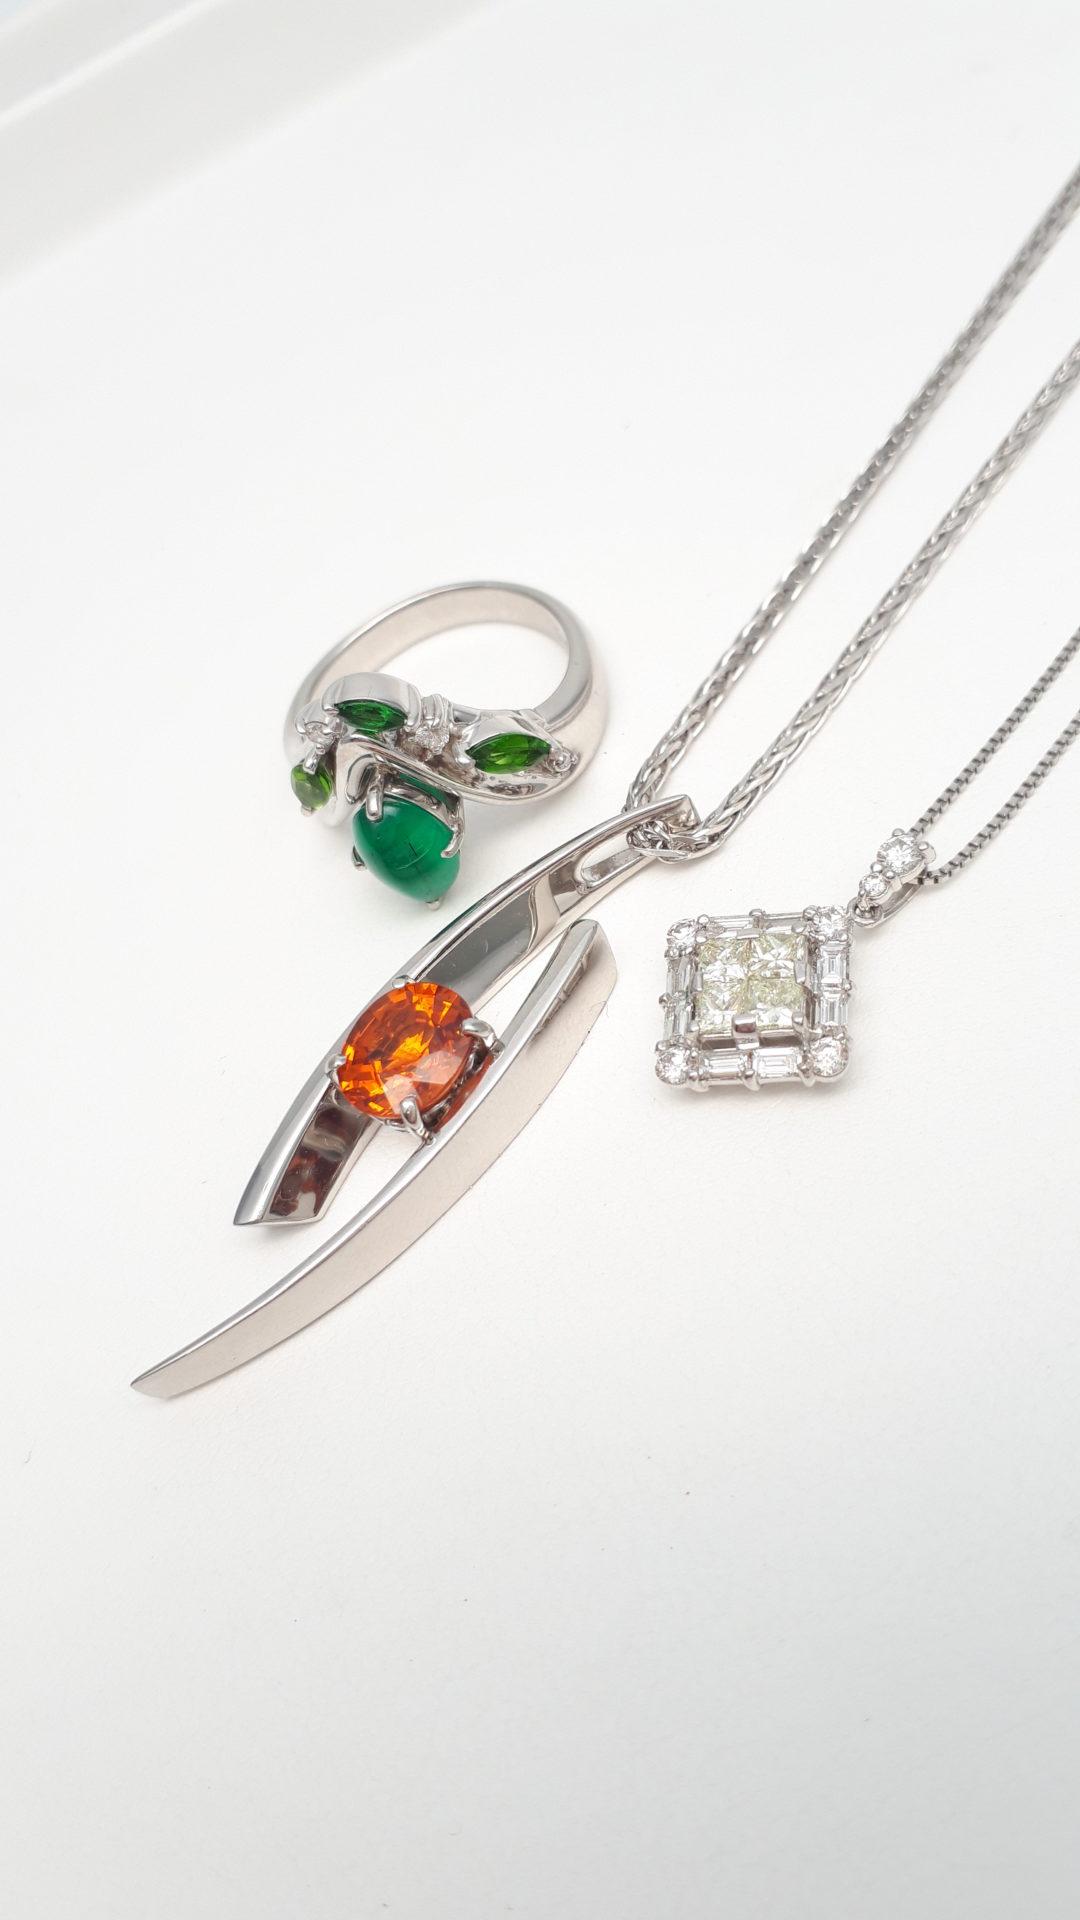 【ジュエリー 買取 盛岡】ダイヤモンド エメラルド ガーネットジュエリーを盛岡市のお客様よりお買い取りさせていただきました!